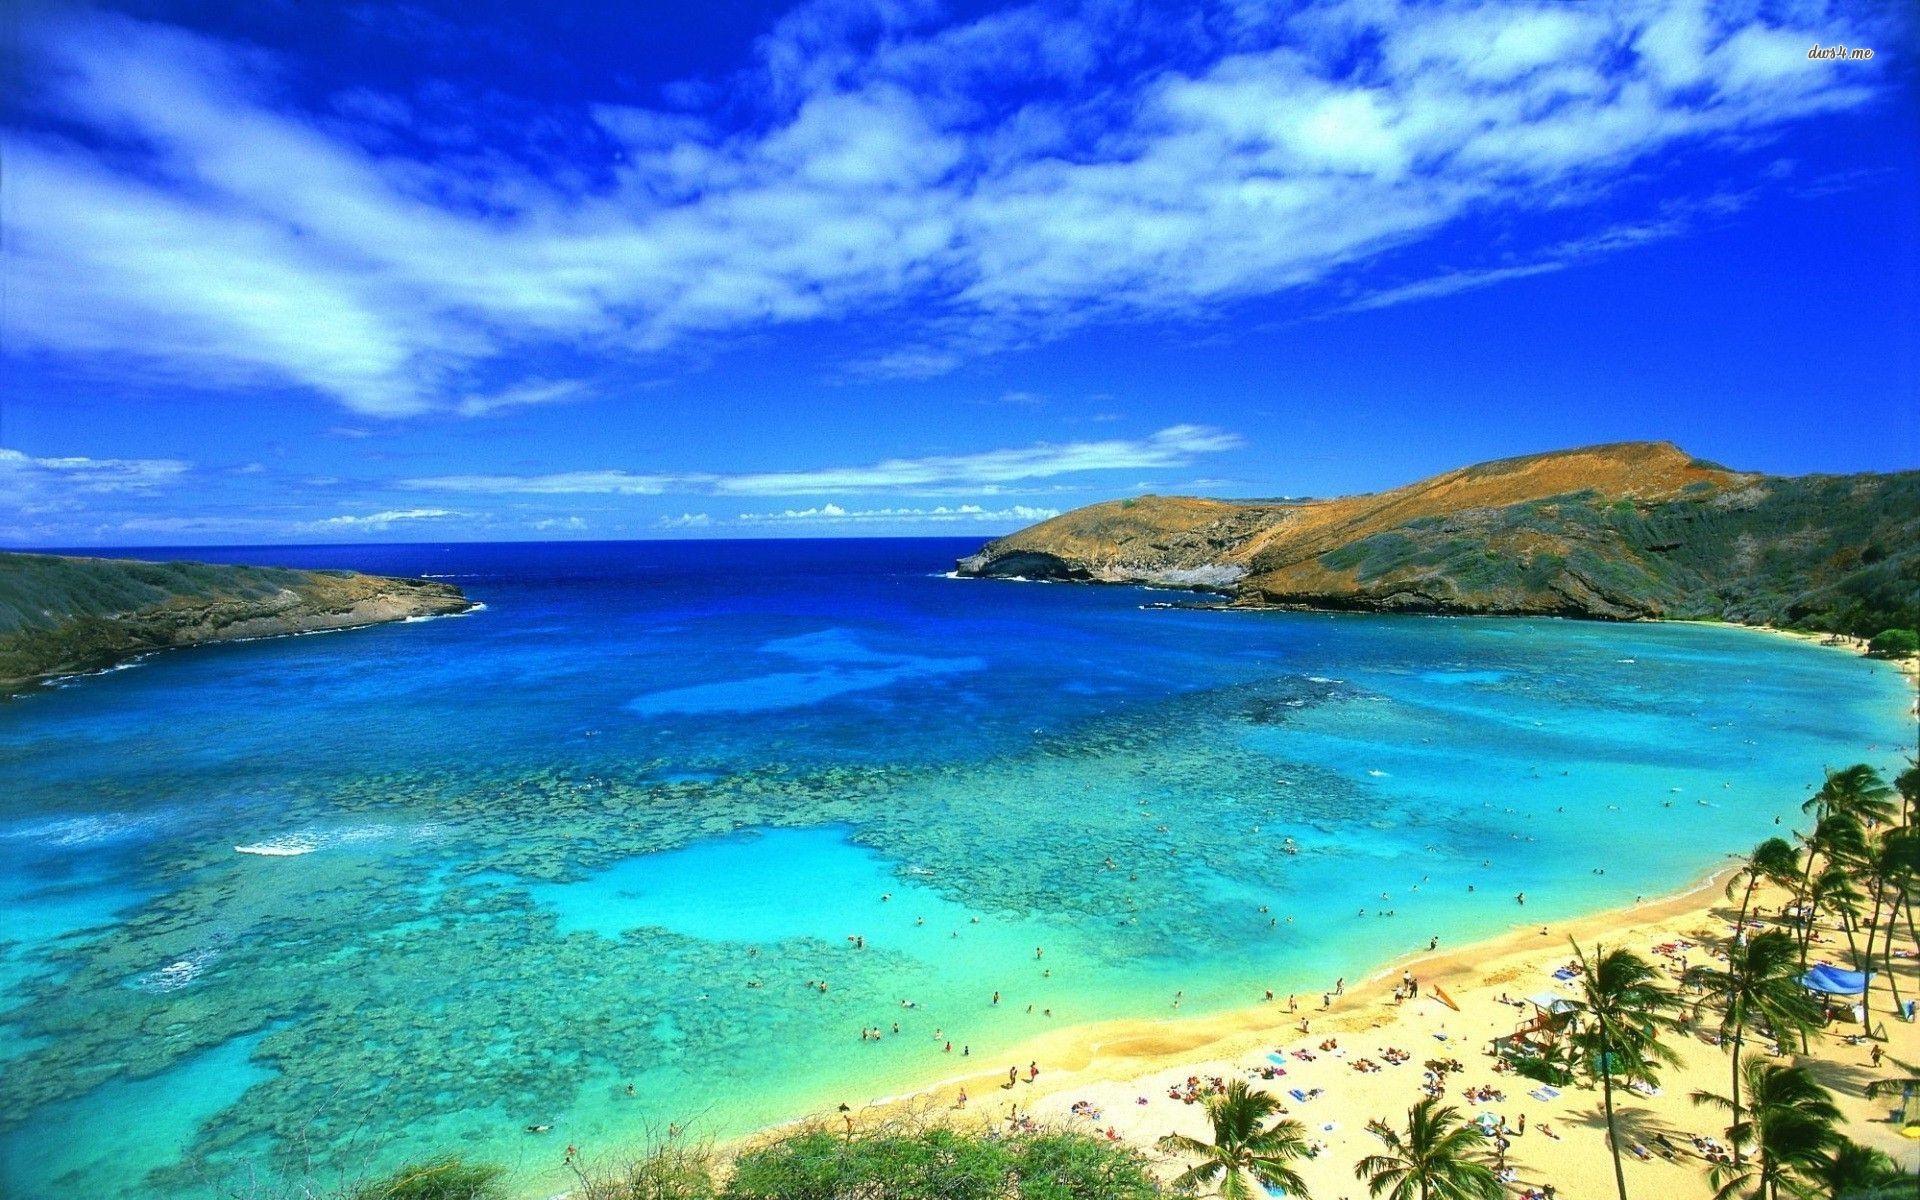 Blue Sky On Hawaii Beach Wallpaper HD #13113 Wallpaper   Wallpaper ...